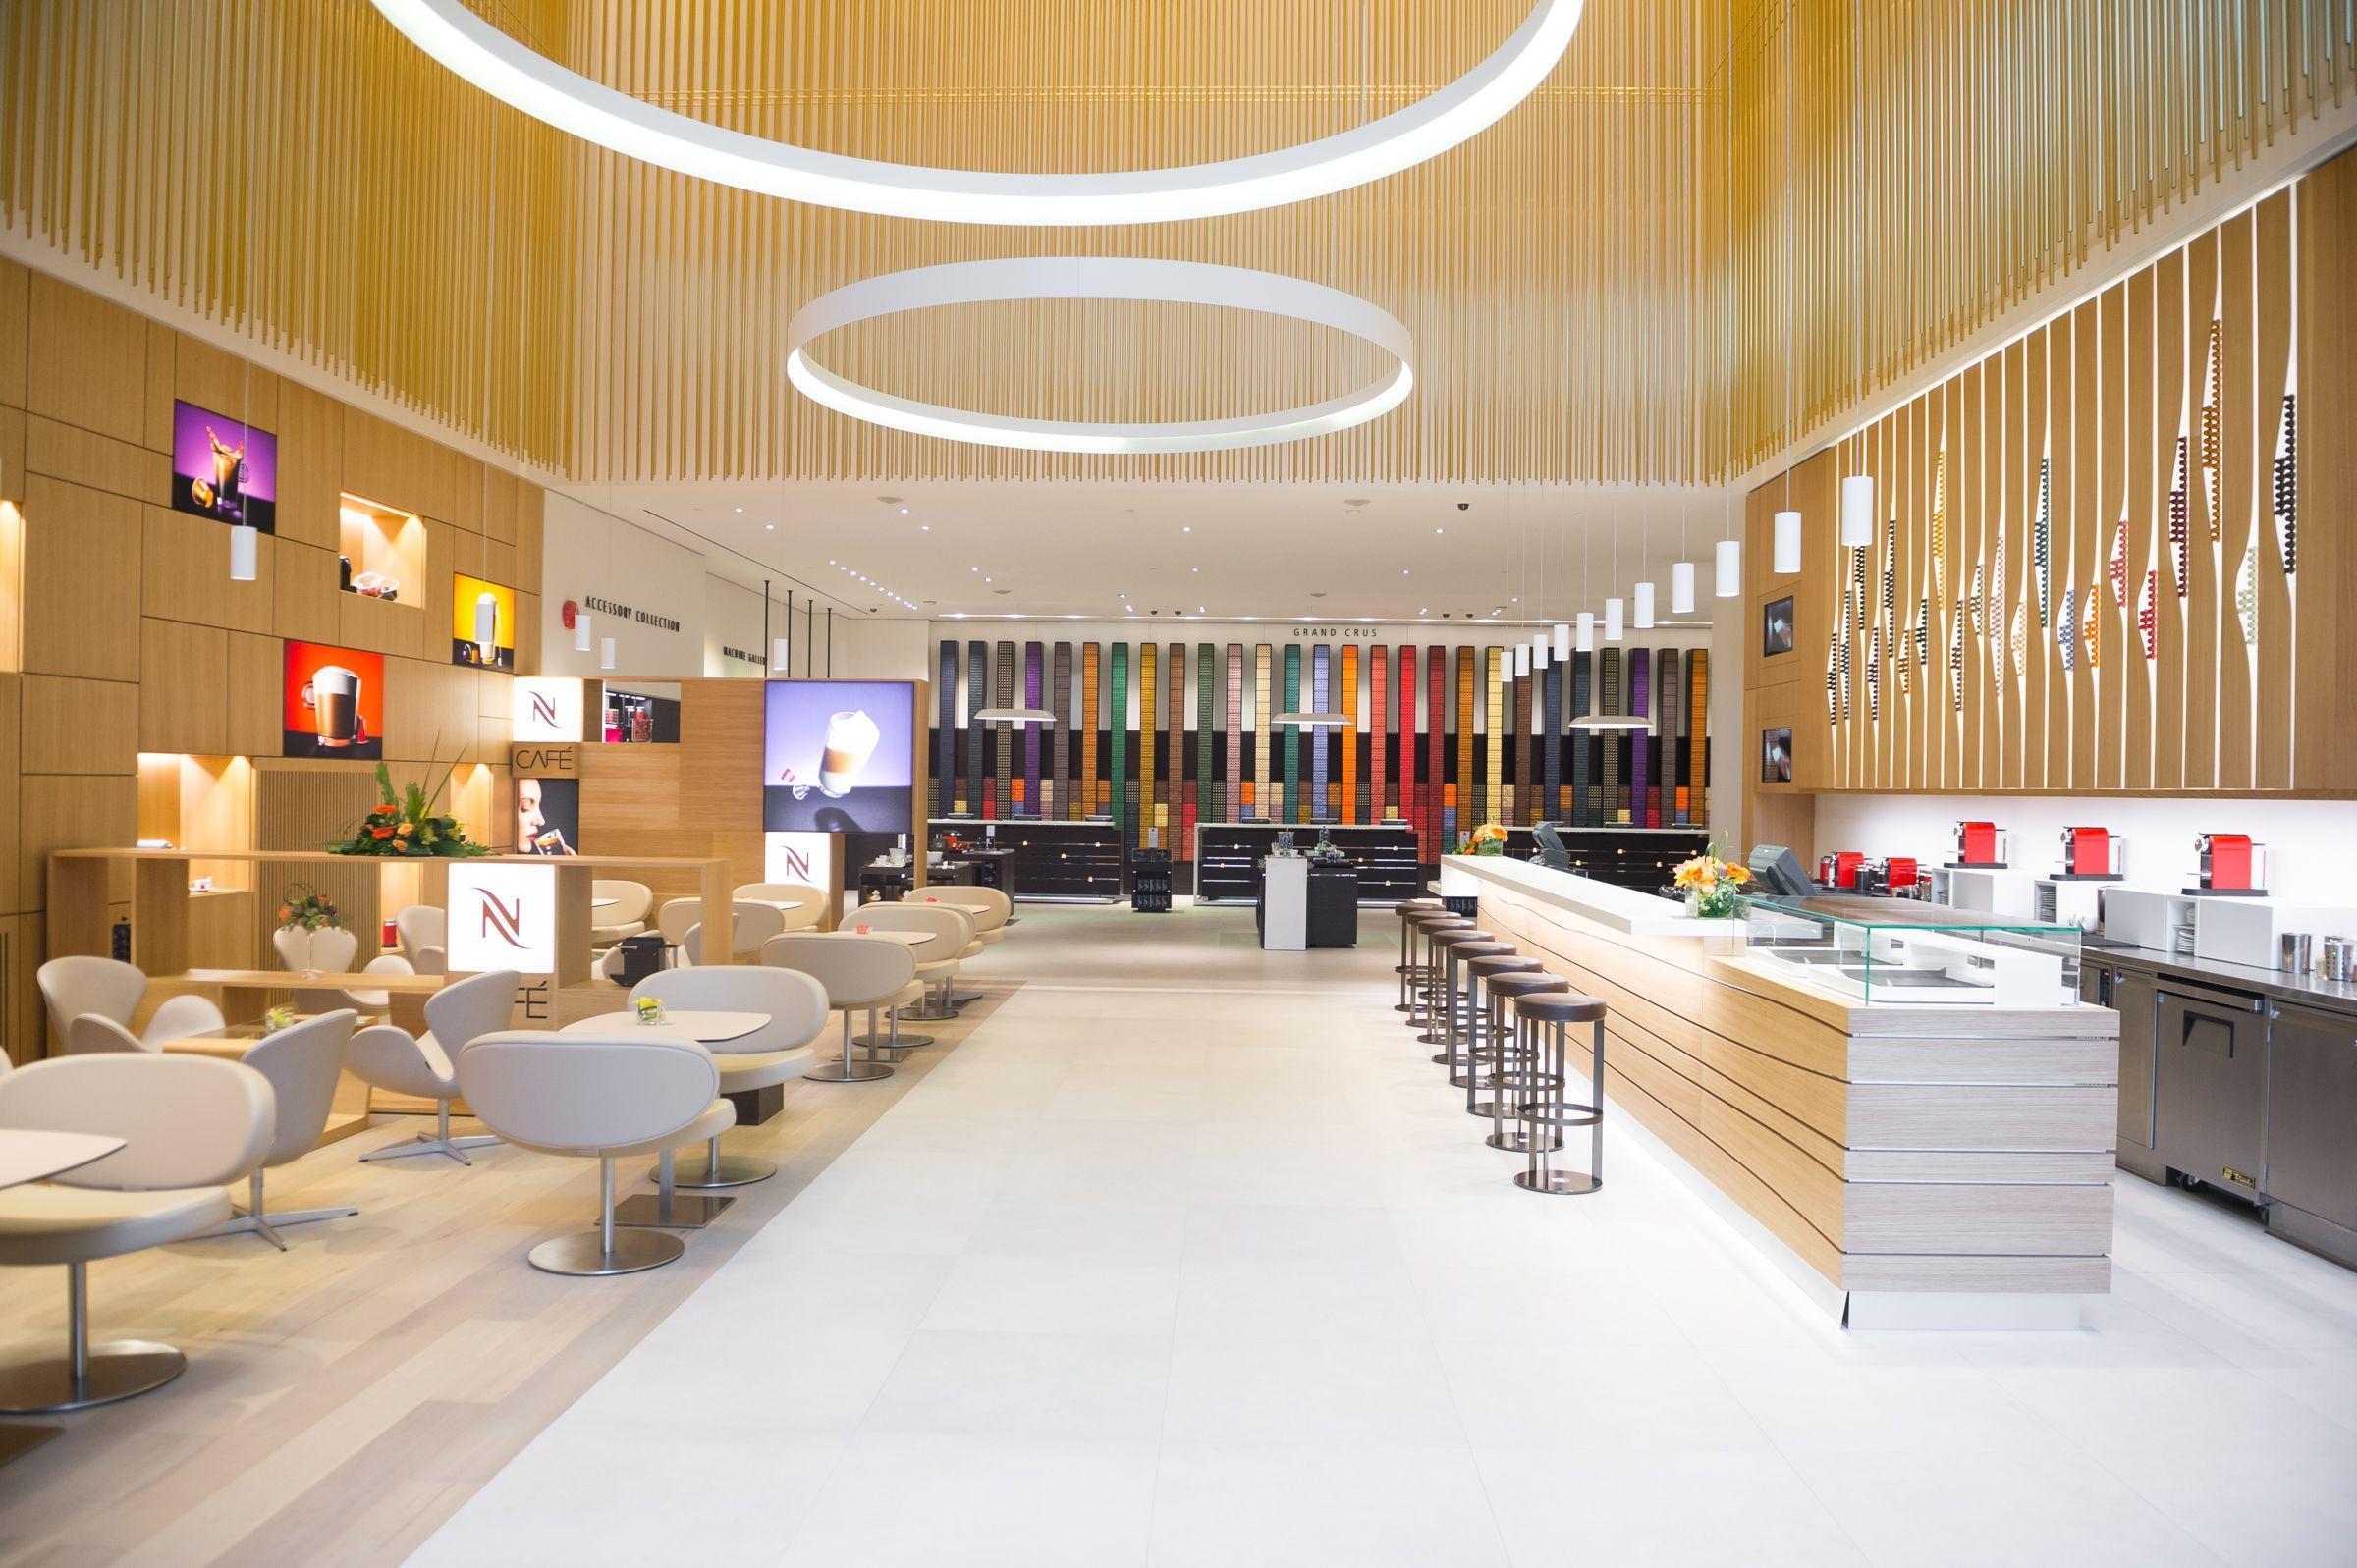 Suomen ensimmäinen NESPRESSO boutique avataan paraatipaikalle ...